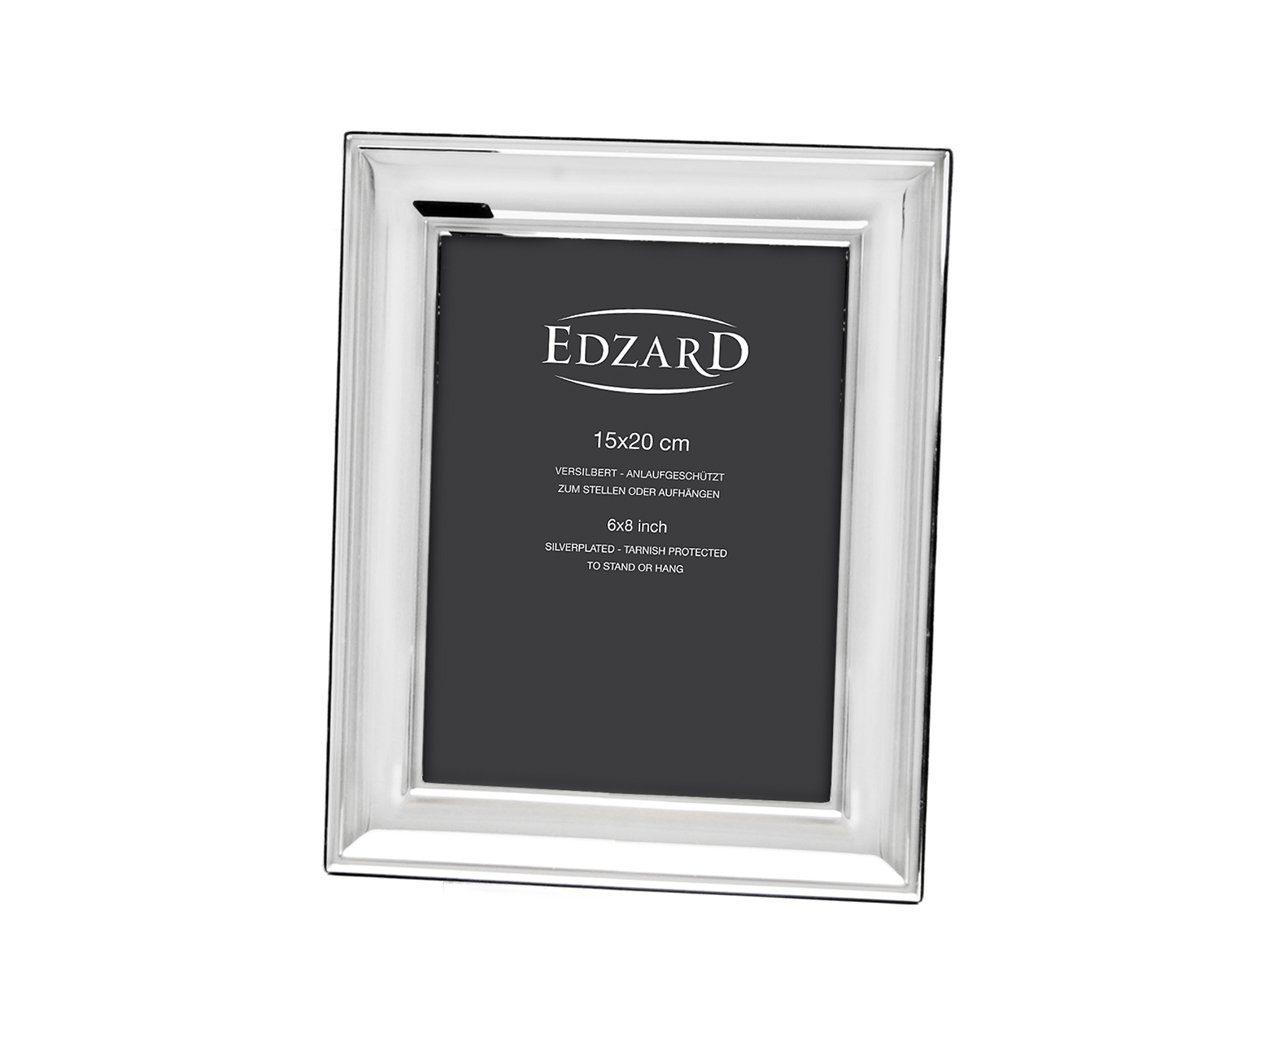 EDZARD Bilderrahmen »Sunset«, 15x20 cm